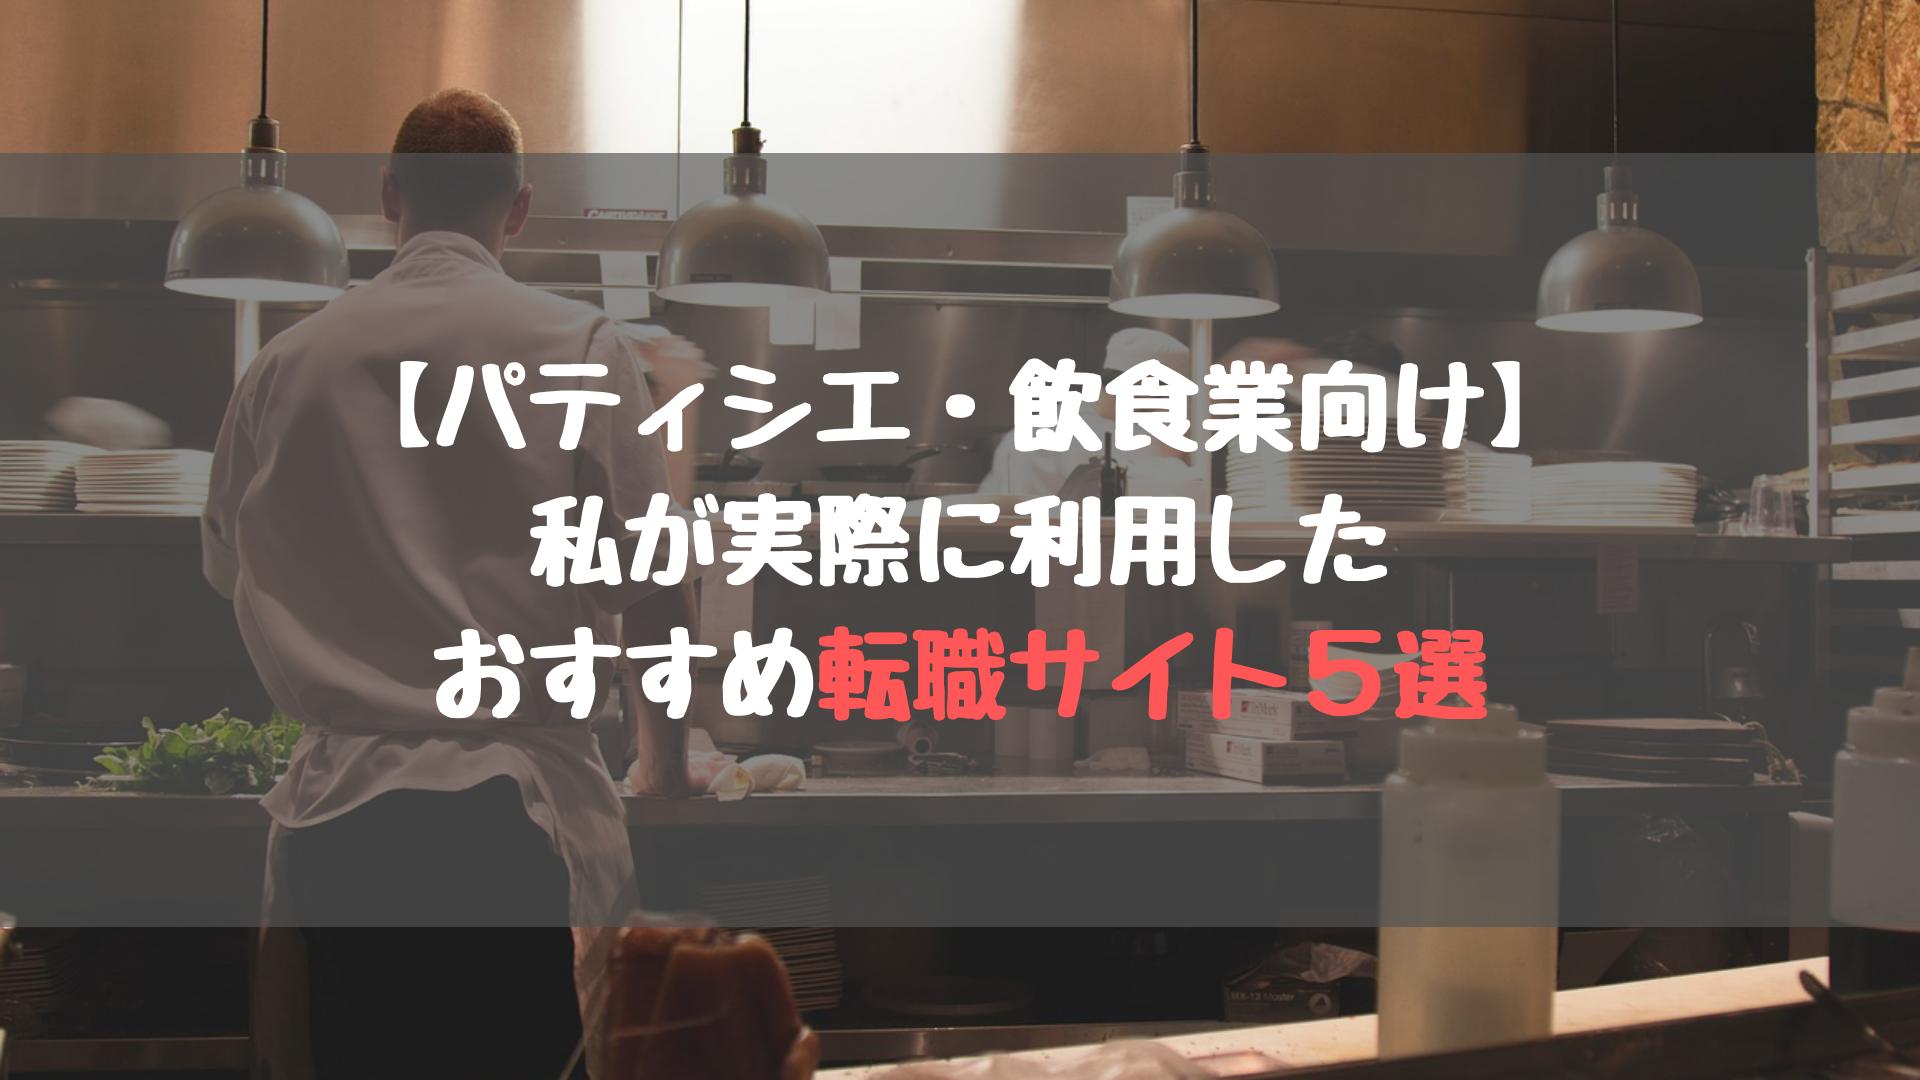 【パティシエ・飲食業向け】 私が実際に利用した おすすめ転職サイト5選